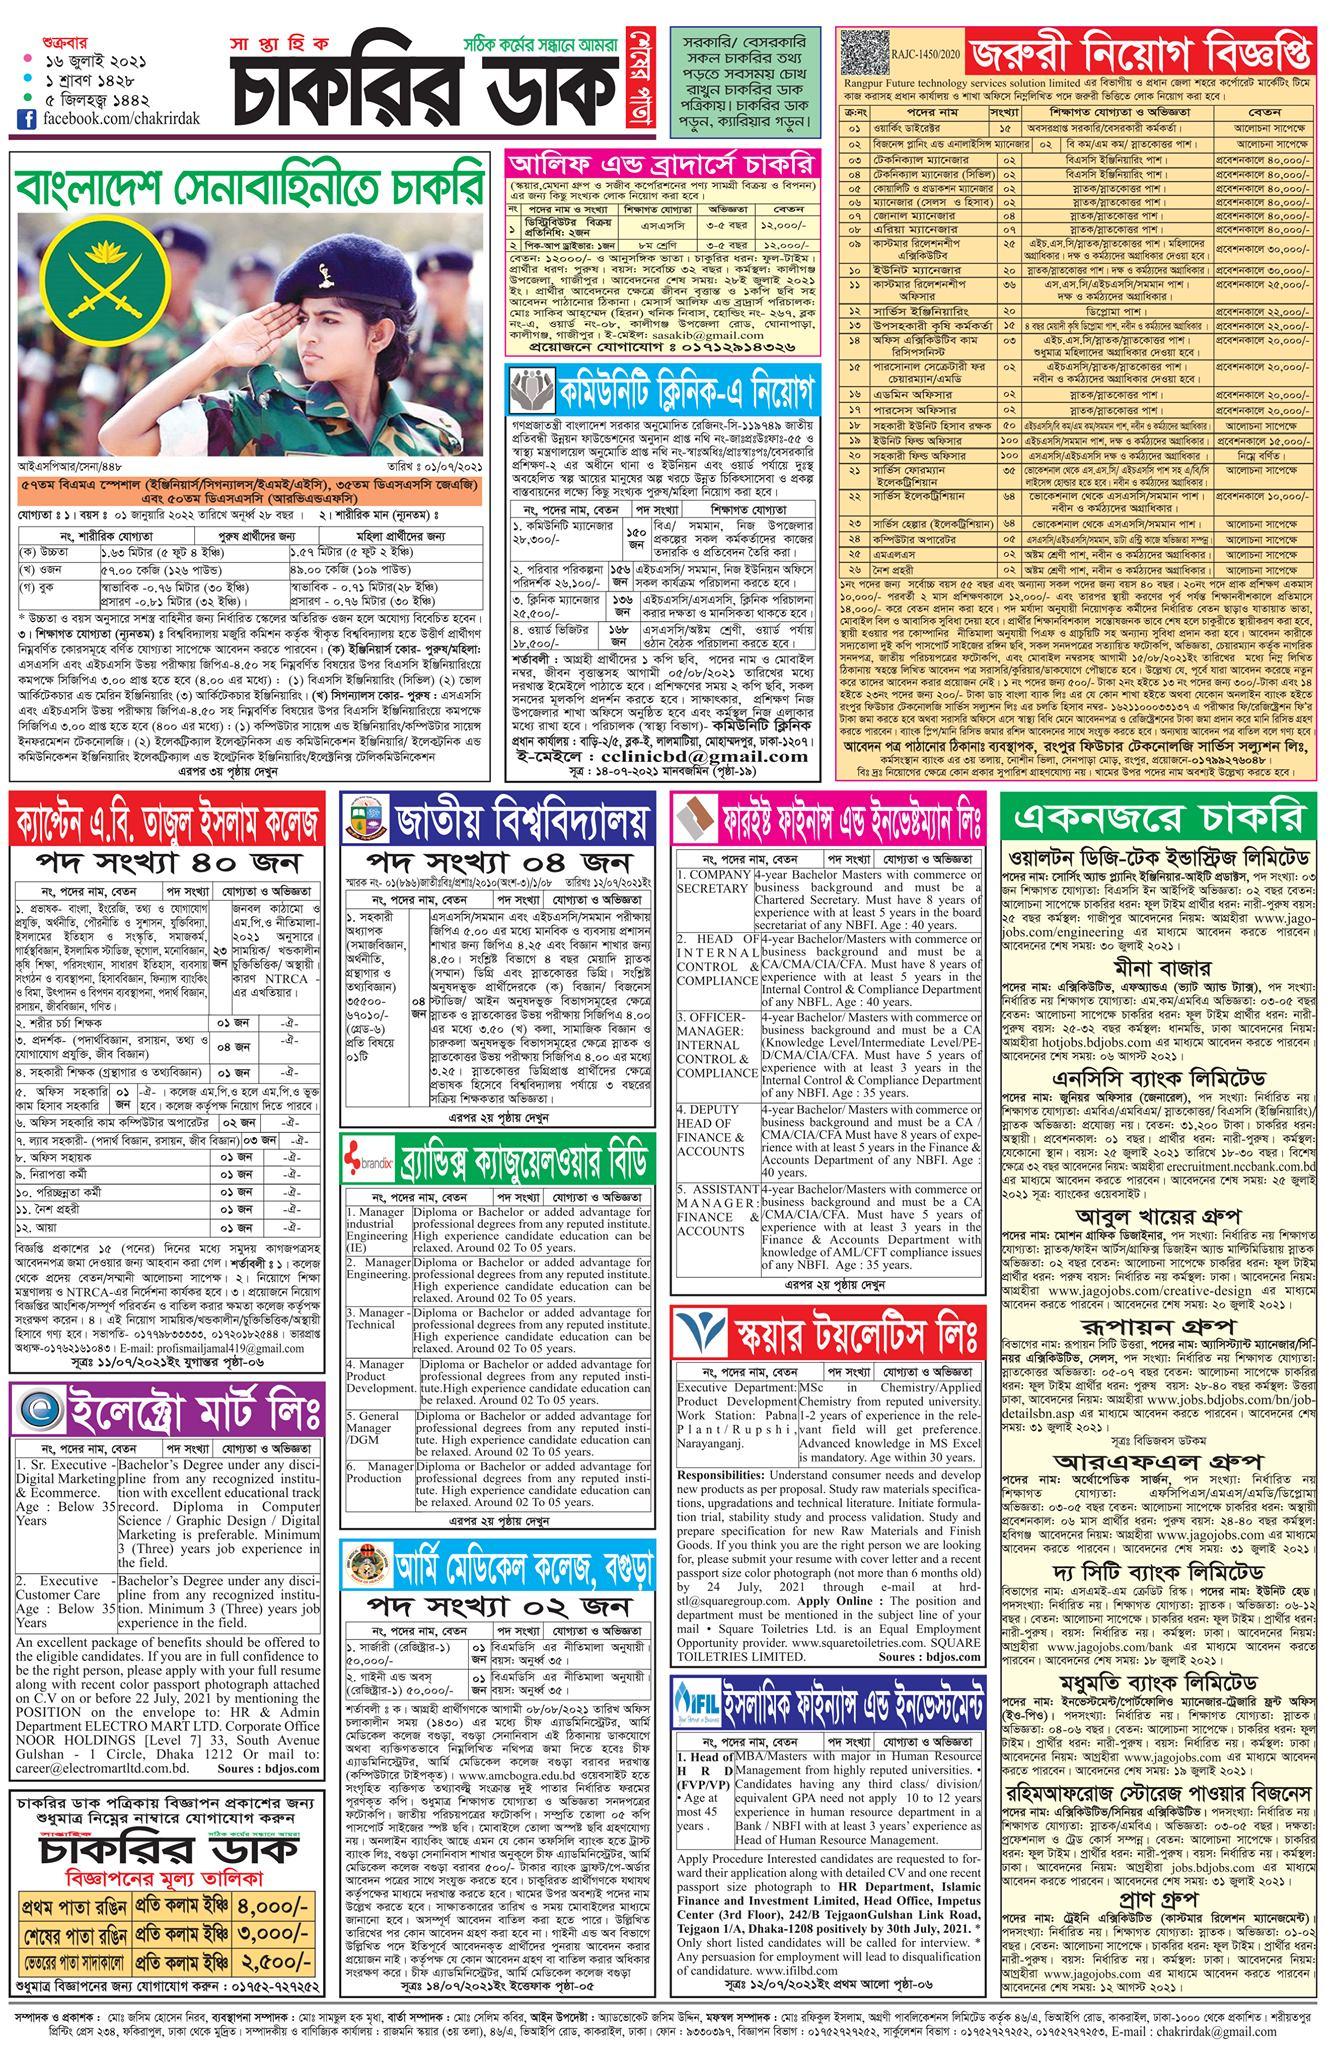 chakrir-dak-16-07-21